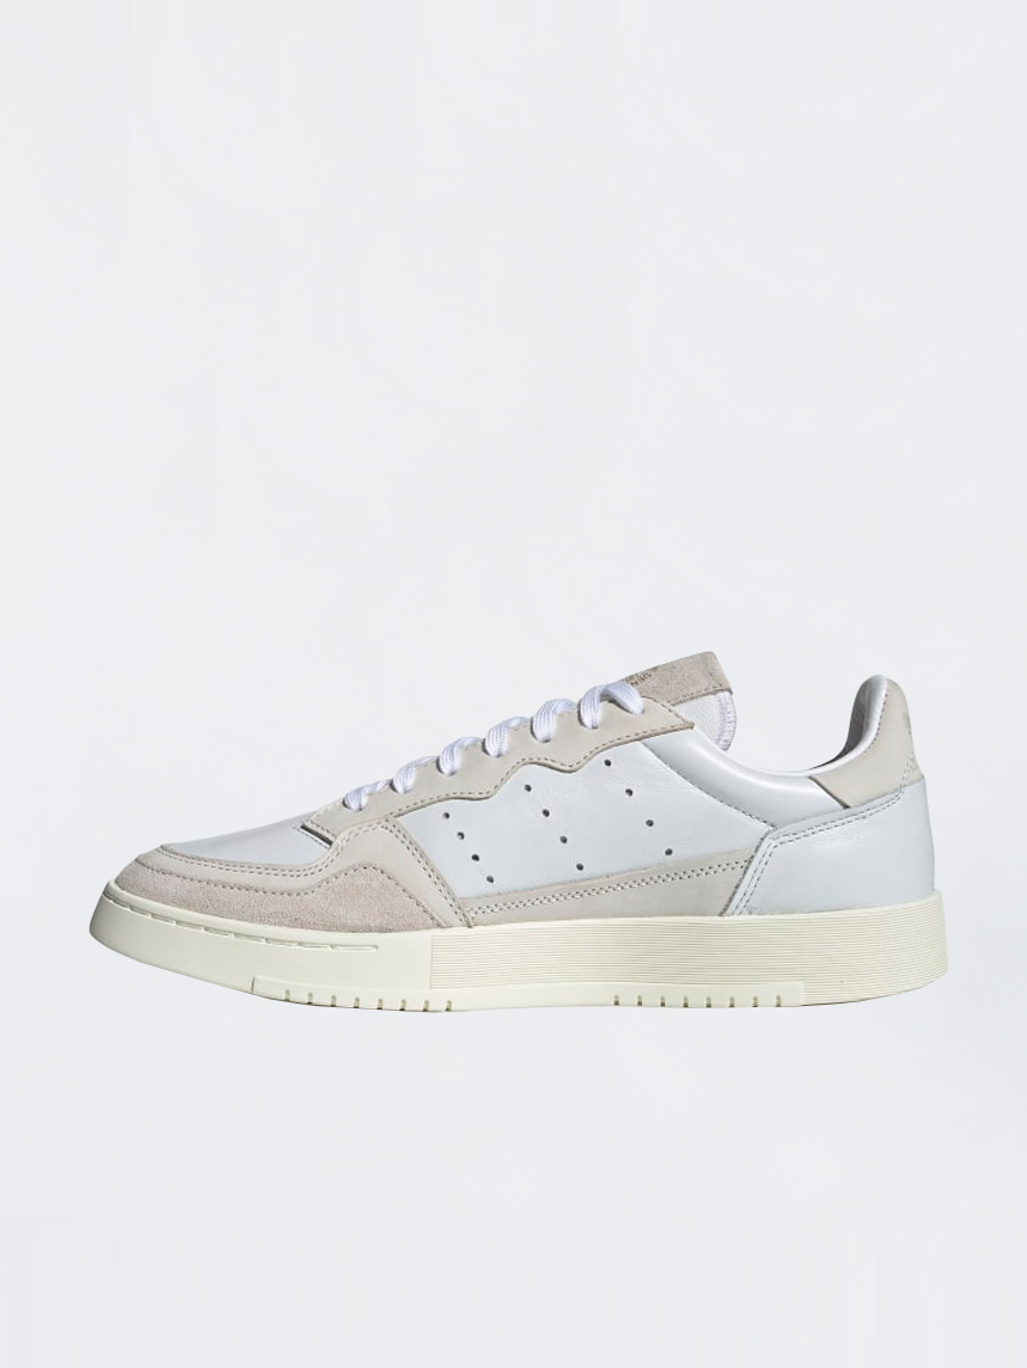 adidas Originals Stan Smith Leather Sneaker WhiteGreen EU39 13